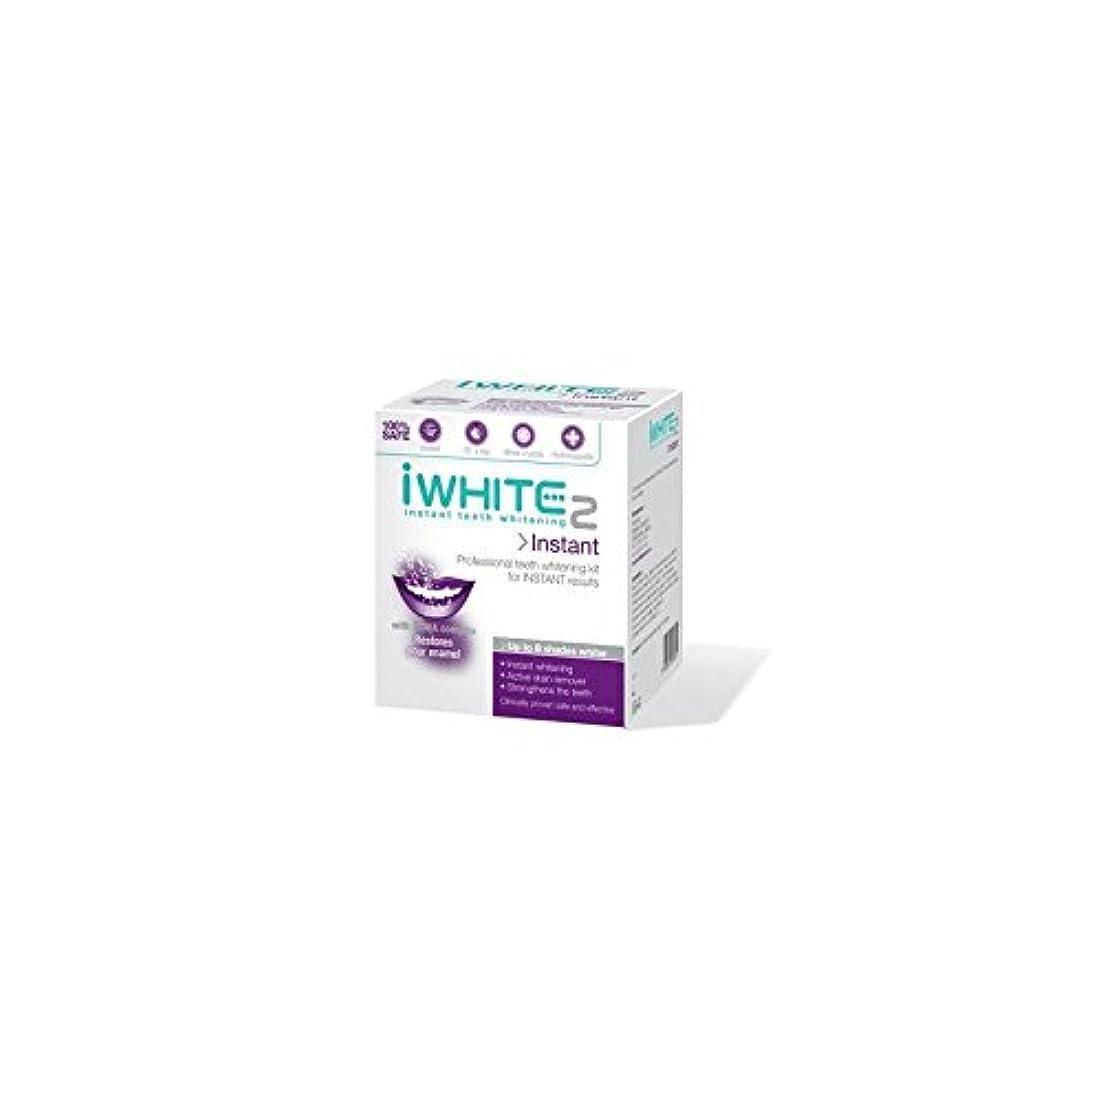 悪夢鎮静剤推定するiWhite Instant 2 Professional Teeth Whitening Kit (10 Trays) - インスタントキットを白く2本のプロ歯(10トレイ) [並行輸入品]